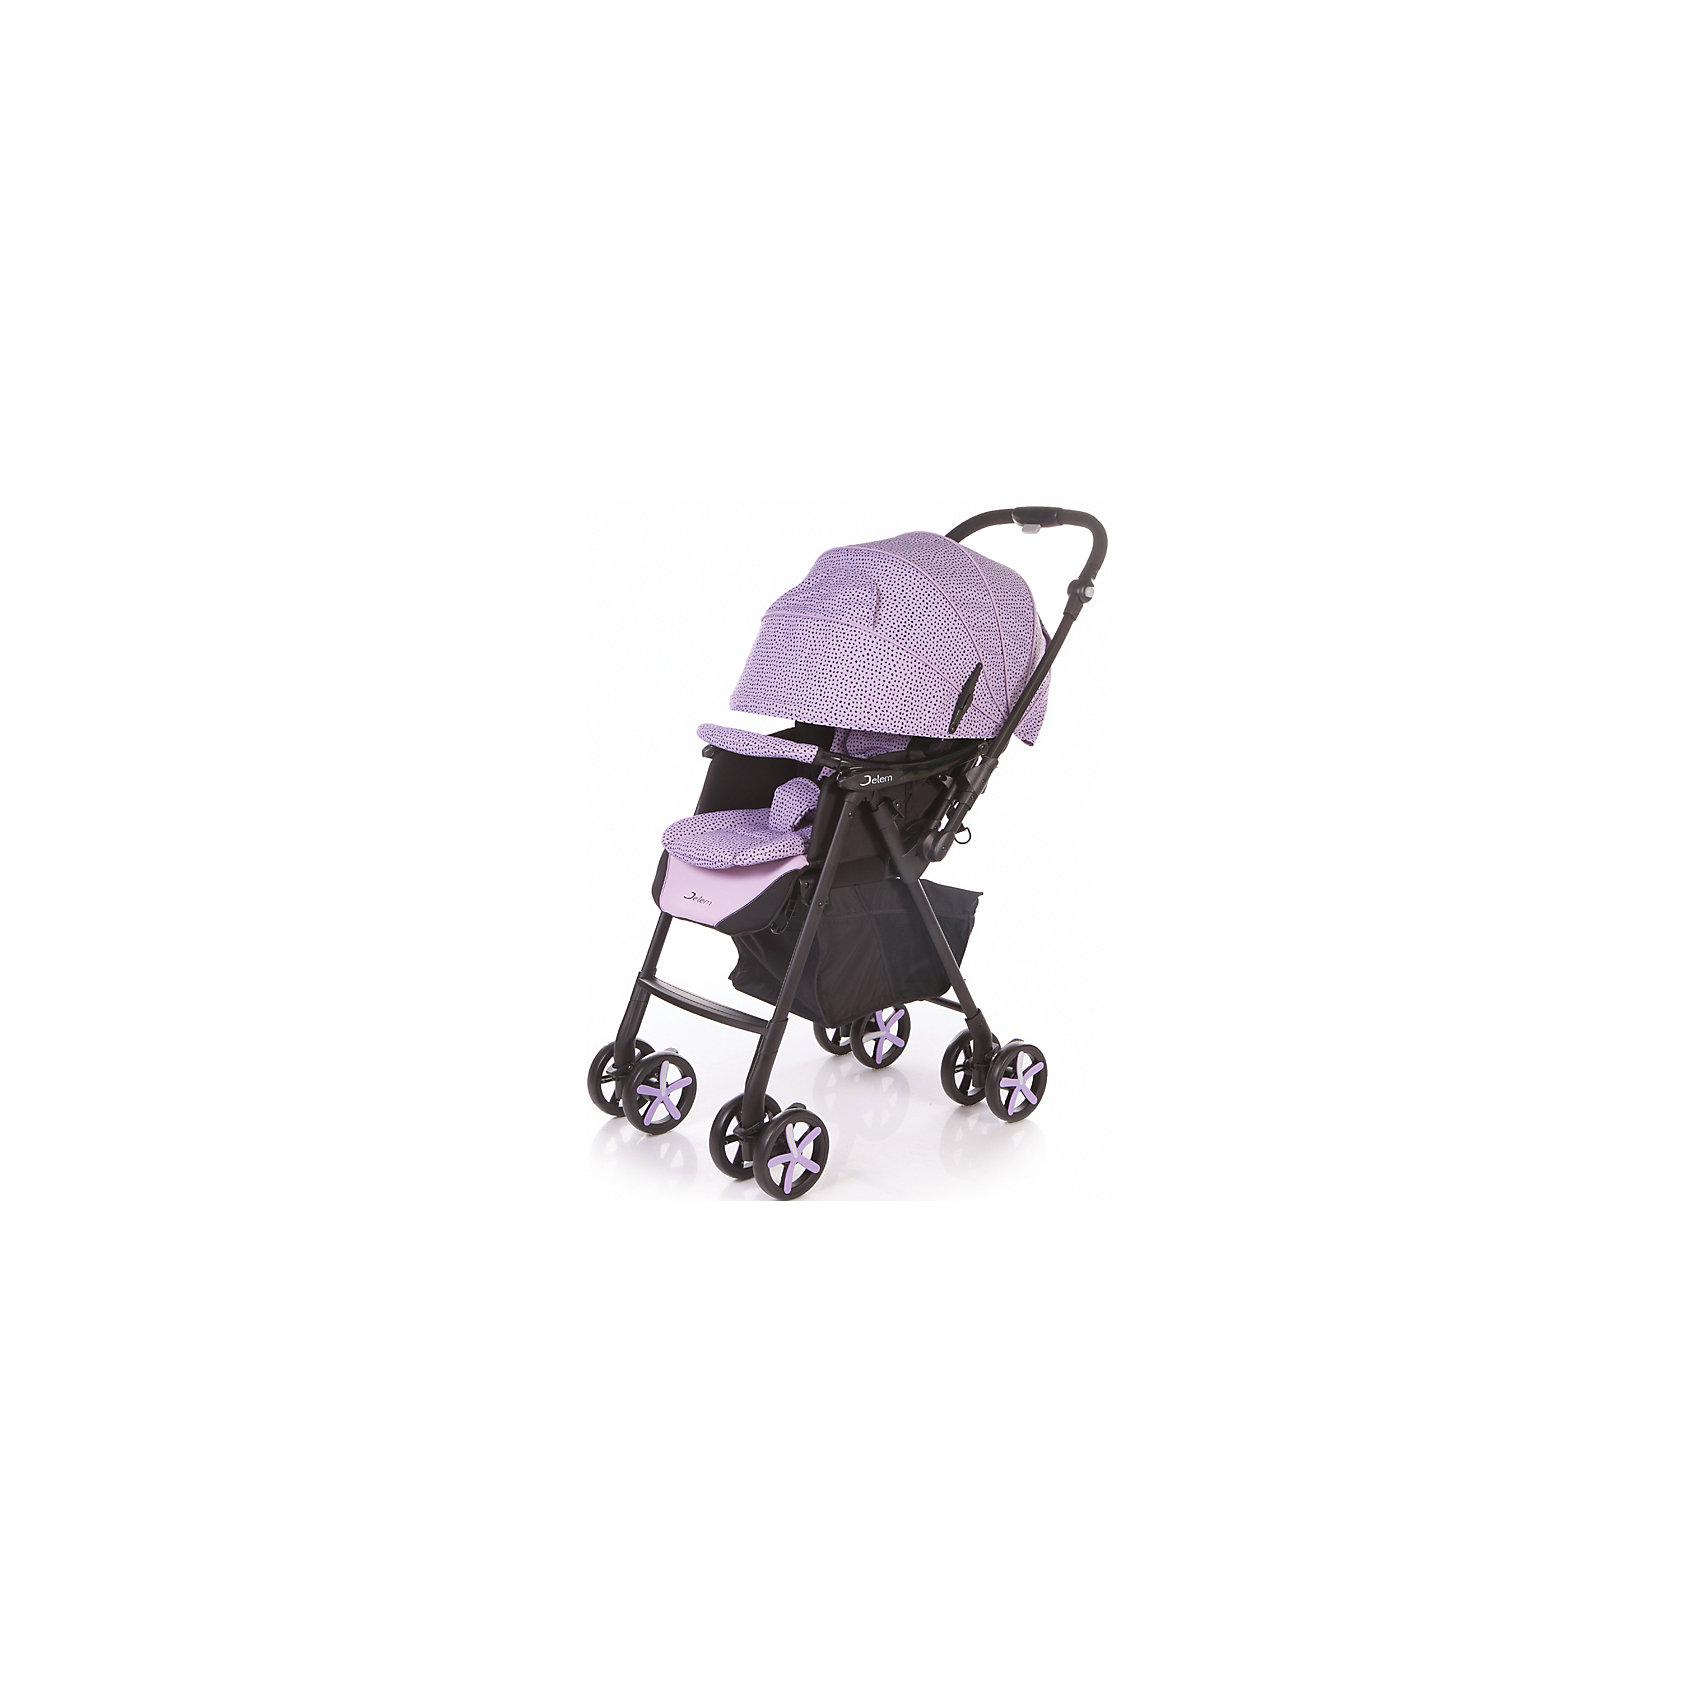 Прогулочная коляска Graphite, Jetem, фиолетовыйJetem   Graphite - новая прогулочная коляска. У коляски имеется перекидная ручка и регулируемая подножка. Graphite оснащена 5-ти точечными ремнями безопасности, а также она очень легко и компактно складывается одной рукой. Имеет съемный бампер с мягкой обивкой и колеса с авто фиксацией.<br><br>Особенности:<br><br>легкая алюминиевая рама,<br>плавающие передние колеса,<br>5-ти точечные ремни безопасности,<br>съемный бампер с мягкой обивкой,<br>очень компактное складывание,<br>спинка регулируется с помощью ремня,<br>ножная тормозная система,<br>может стоять в сложенном состоянии,<br>регулируемая подножка,<br>перекидная ручка,<br>при перекидывании ручки передние колеса автоматически освобождаются и становятся поворотными, а задние фиксируются,<br>регулируемая по высоте ручка,<br>колёса с авто фиксацией,<br>можно использовать с рождения, благодаря специальному вкладышу для новорожденных и горизонтальному положению спинки,<br>коляска легко складывается и раскладывается одной рукой,<br>амортизация передних и задних колёс.<br><br>Дополнительная информация:<br><br>диаметр колес: передние – 14 см, задние — 14 см,<br>тип колес: двойные, <br>механизм складывания: книжка.<br>вес: 6.7 кг,<br>ширина сиденья: 33 см,<br>размер корзины: 30х40х24 см,<br>размер в разложенном виде: 49х74х105 см,<br>размер в сложенном виде: 49х36.5х94.5 см.<br><br>Прогулочную коляску Graphite, Jetem, фиолетовый можно купить в нашем магазине.<br><br>Ширина мм: 940<br>Глубина мм: 510<br>Высота мм: 360<br>Вес г: 9300<br>Цвет: фиолетовый<br>Возраст от месяцев: 6<br>Возраст до месяцев: 36<br>Пол: Унисекс<br>Возраст: Детский<br>SKU: 4679110